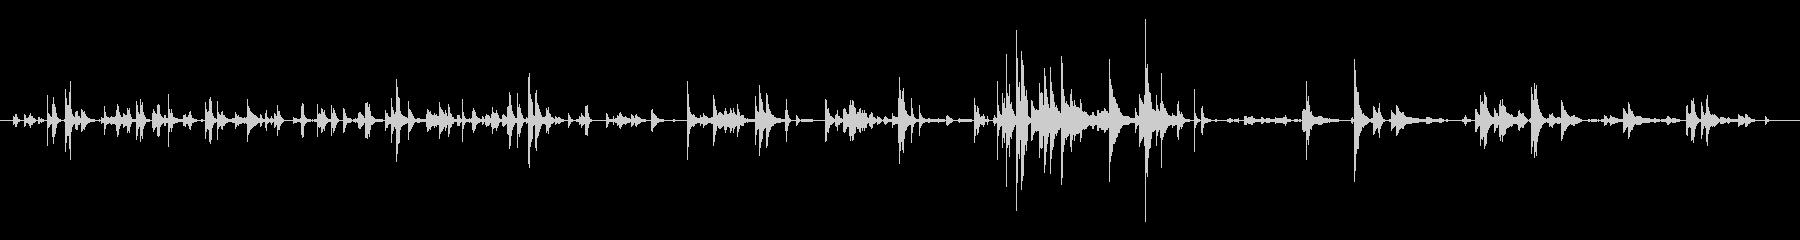 ロデオ、フォーリーの牛の牛の鐘の未再生の波形